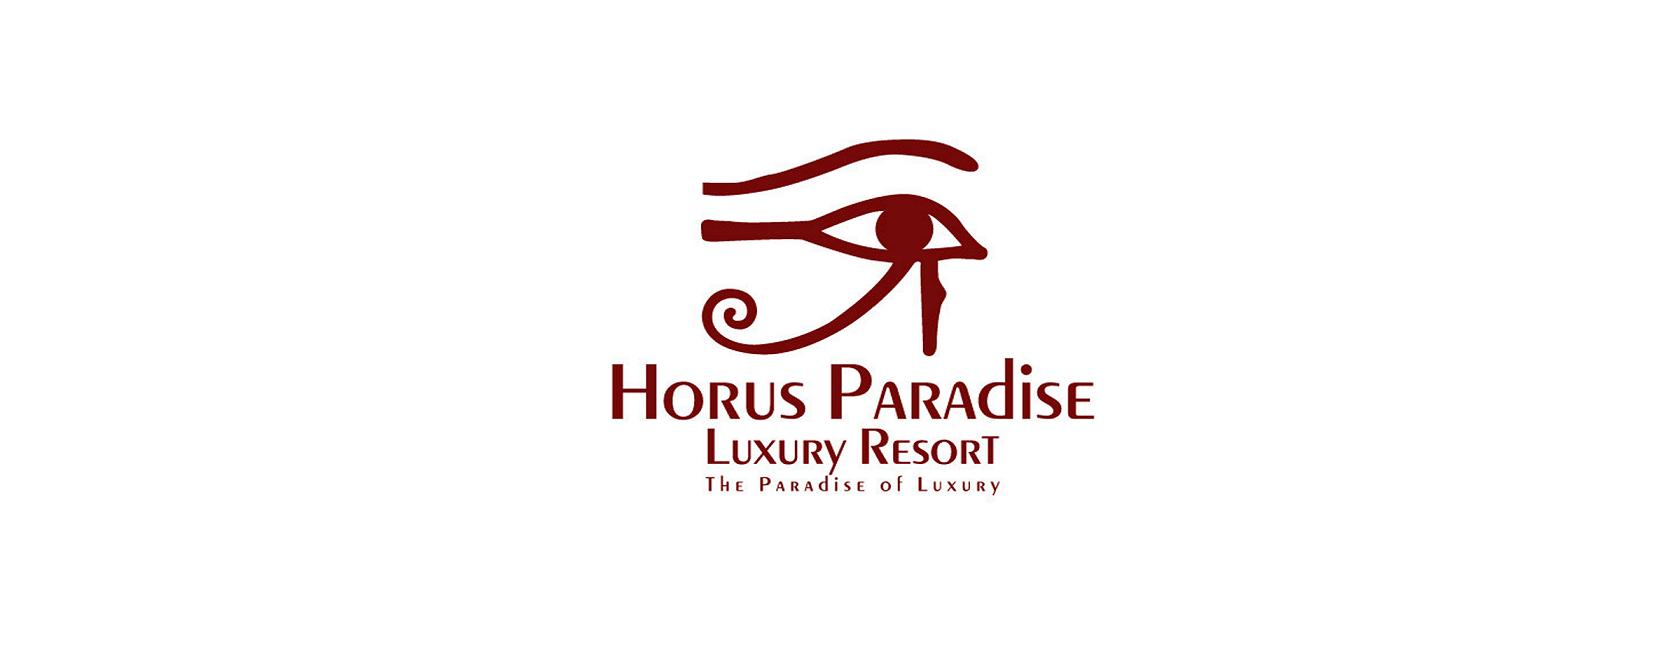 Side Hourus Paradise Hotel